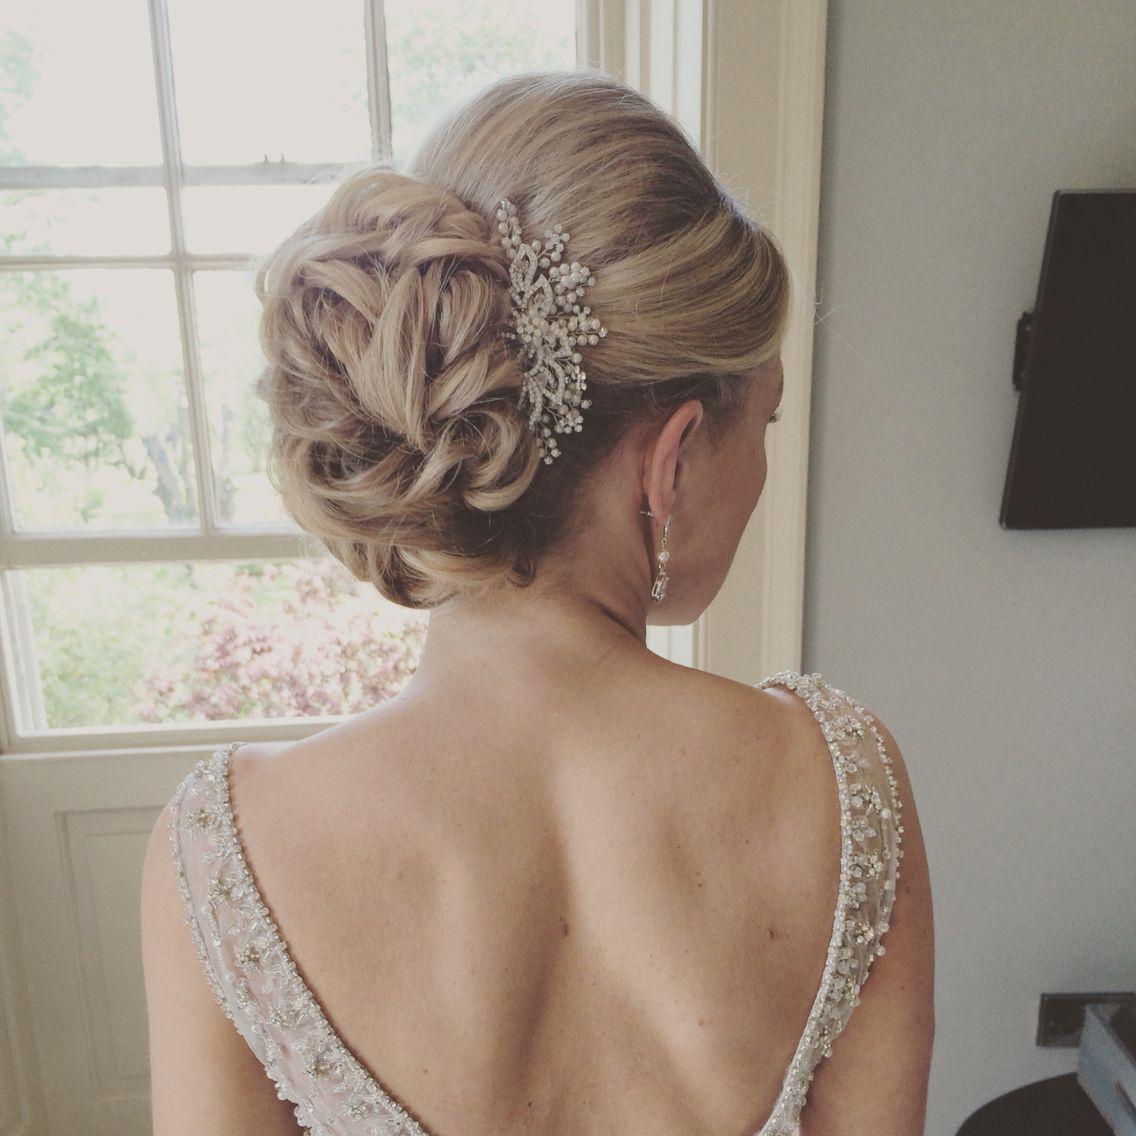 newton hall wedding hair north east hairdresser lisa cameron hair